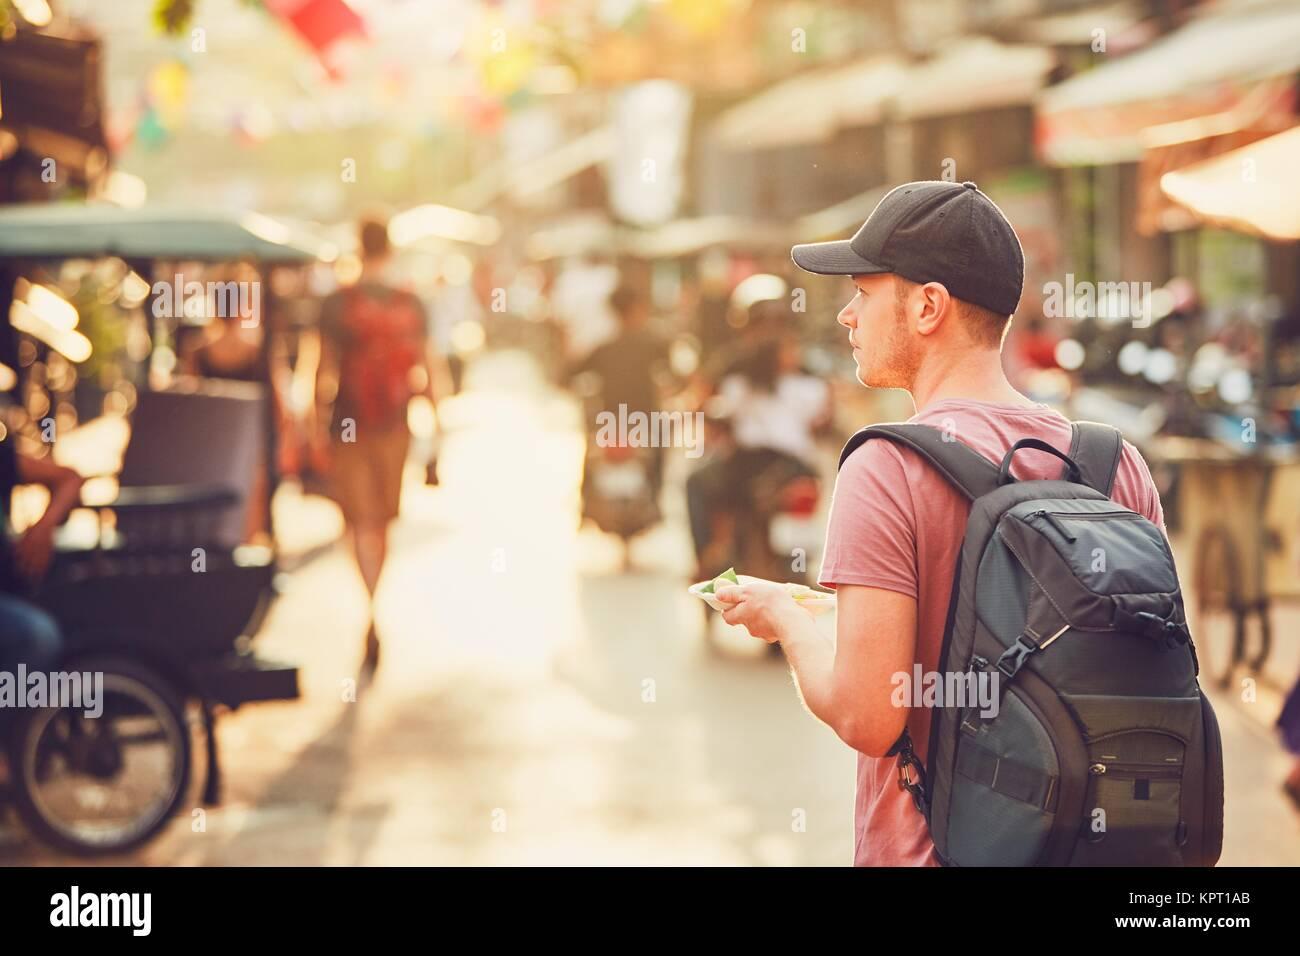 Joven (turista) con mochila caminando hacia el mercado nocturno comprando alimentos dulces deliciosos. Concurrida Imagen De Stock